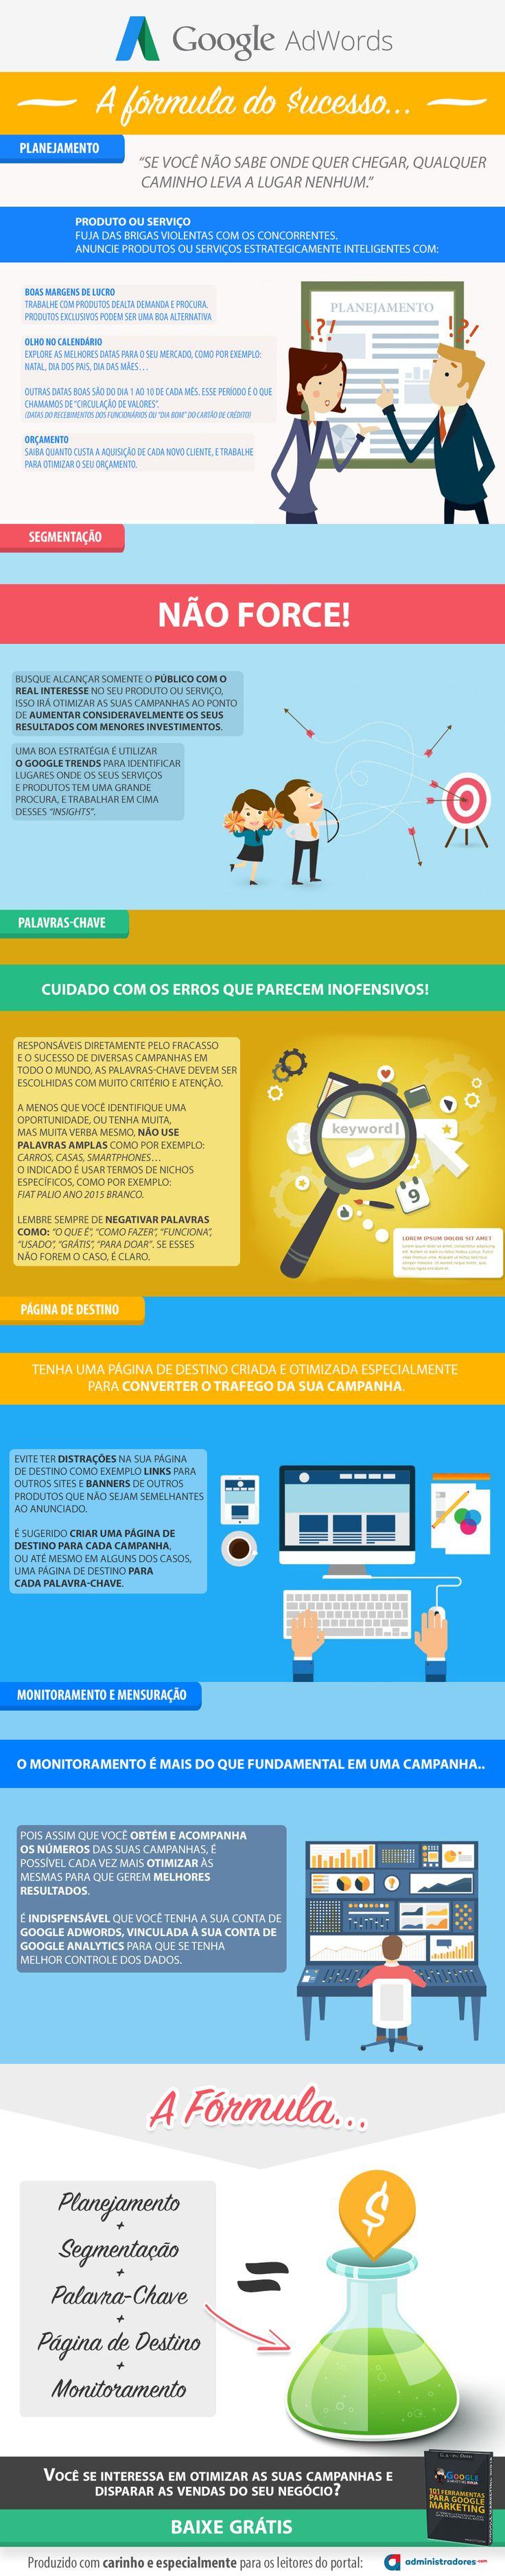 Infográfico: a fórmula do sucesso para Google AdWords